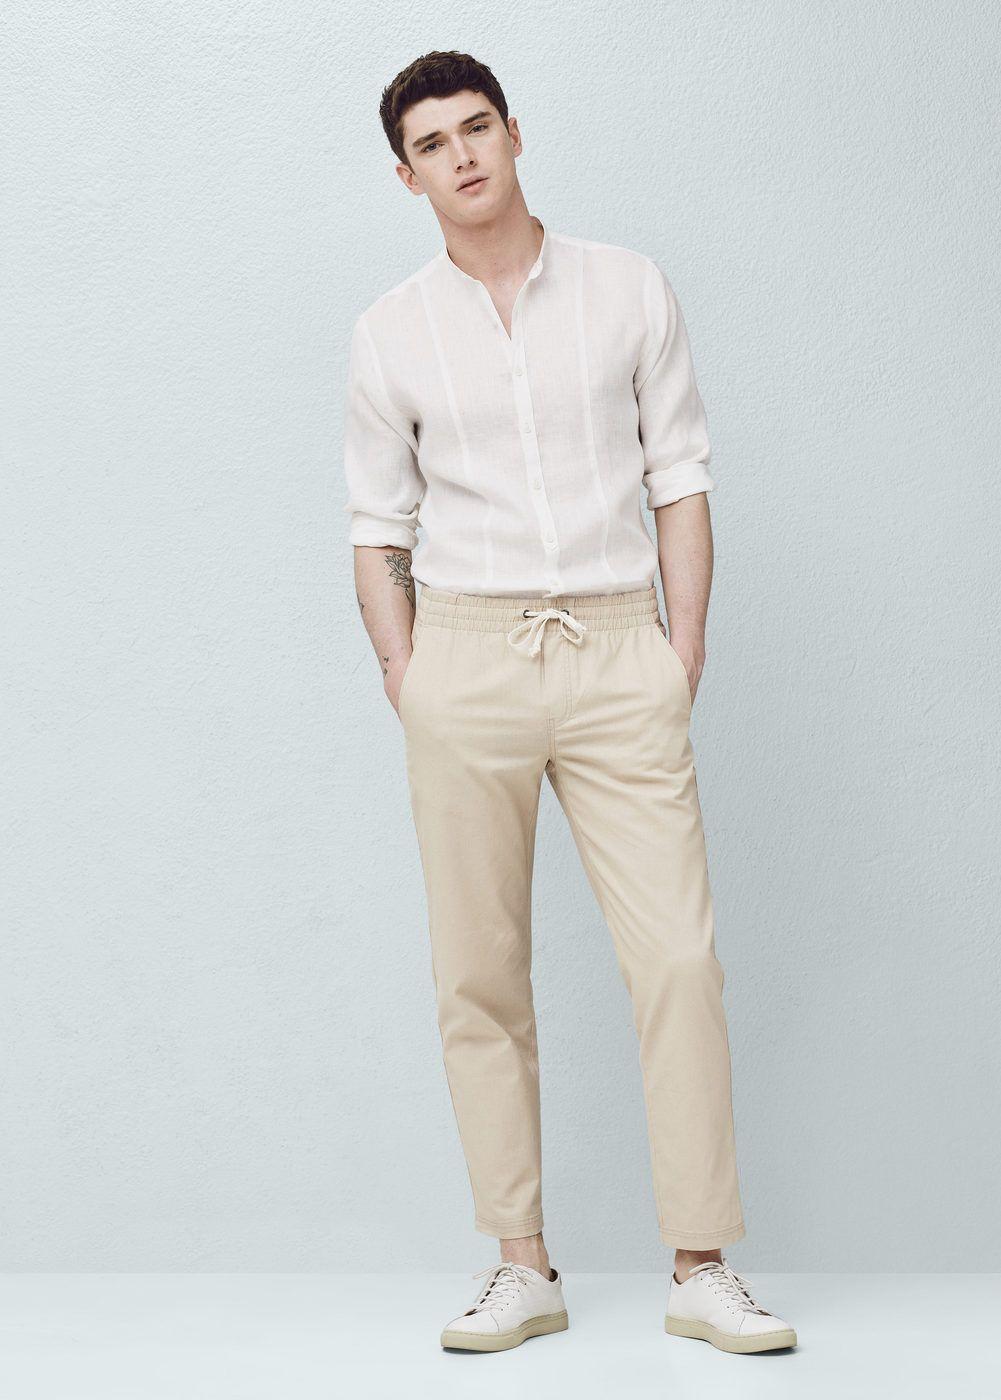 Linen-blend jogging trousers   MANGO MAN Taille Élastique, Robe Chemise En  Lin, 7eb753bfad9f